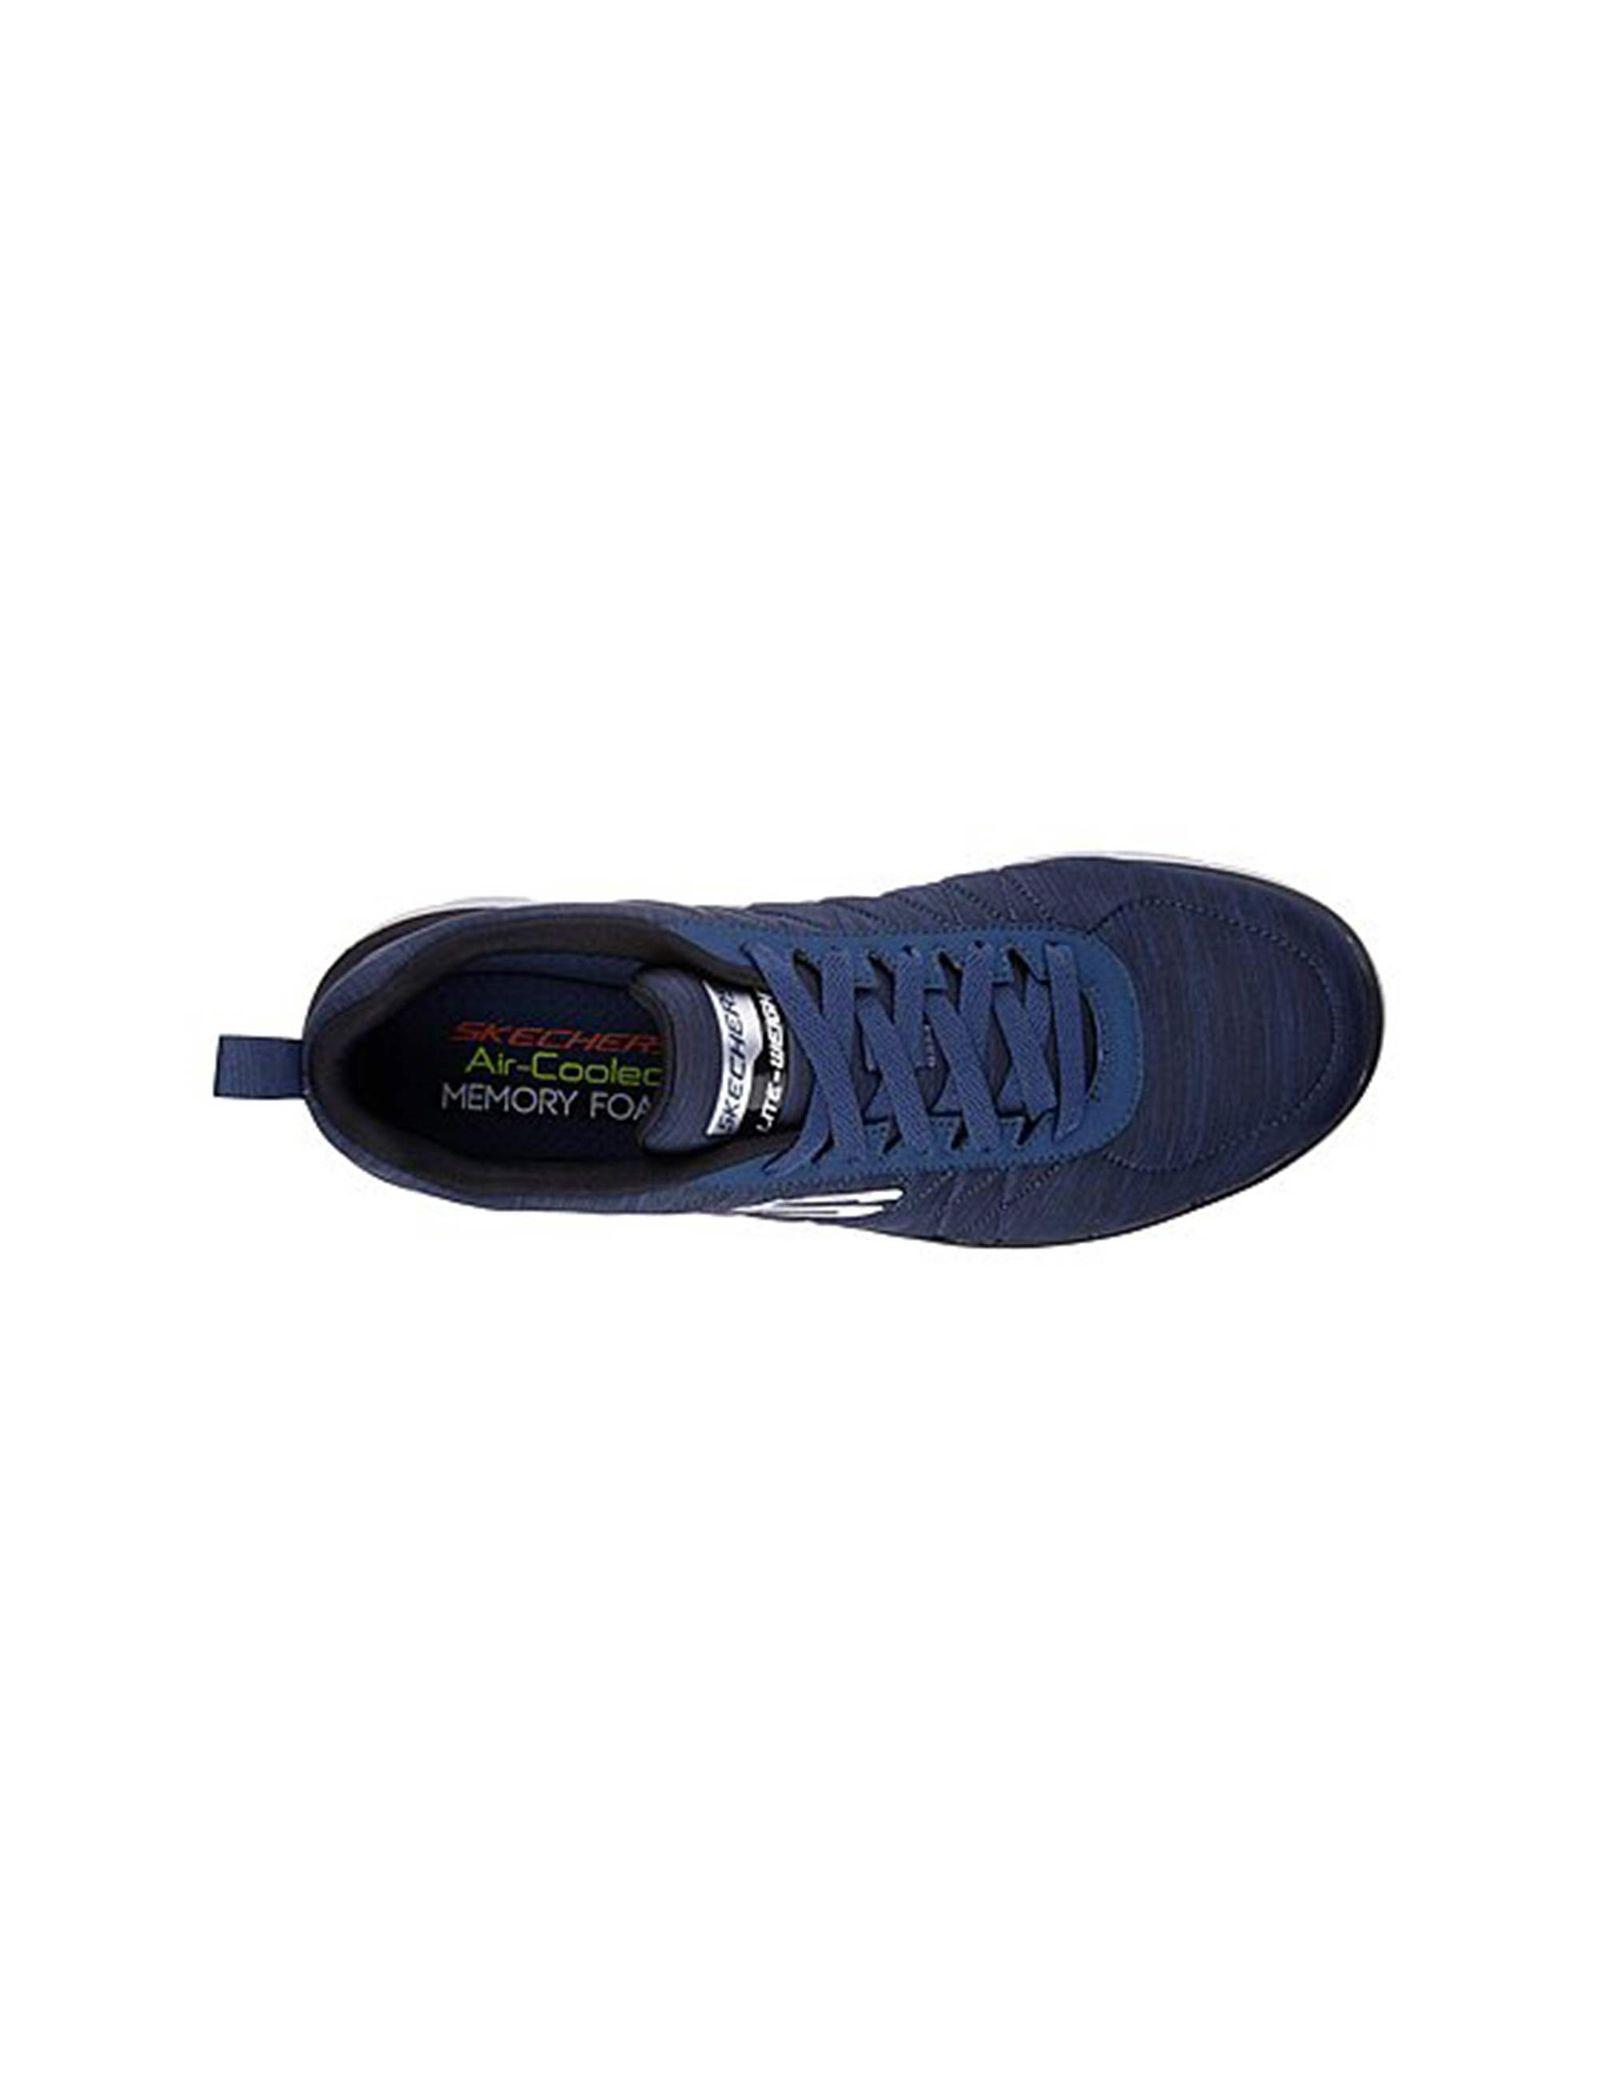 کفش تمرین بندی مردانه Flex Advantage 2-0 Chillston - اسکچرز - سرمه اي - 2